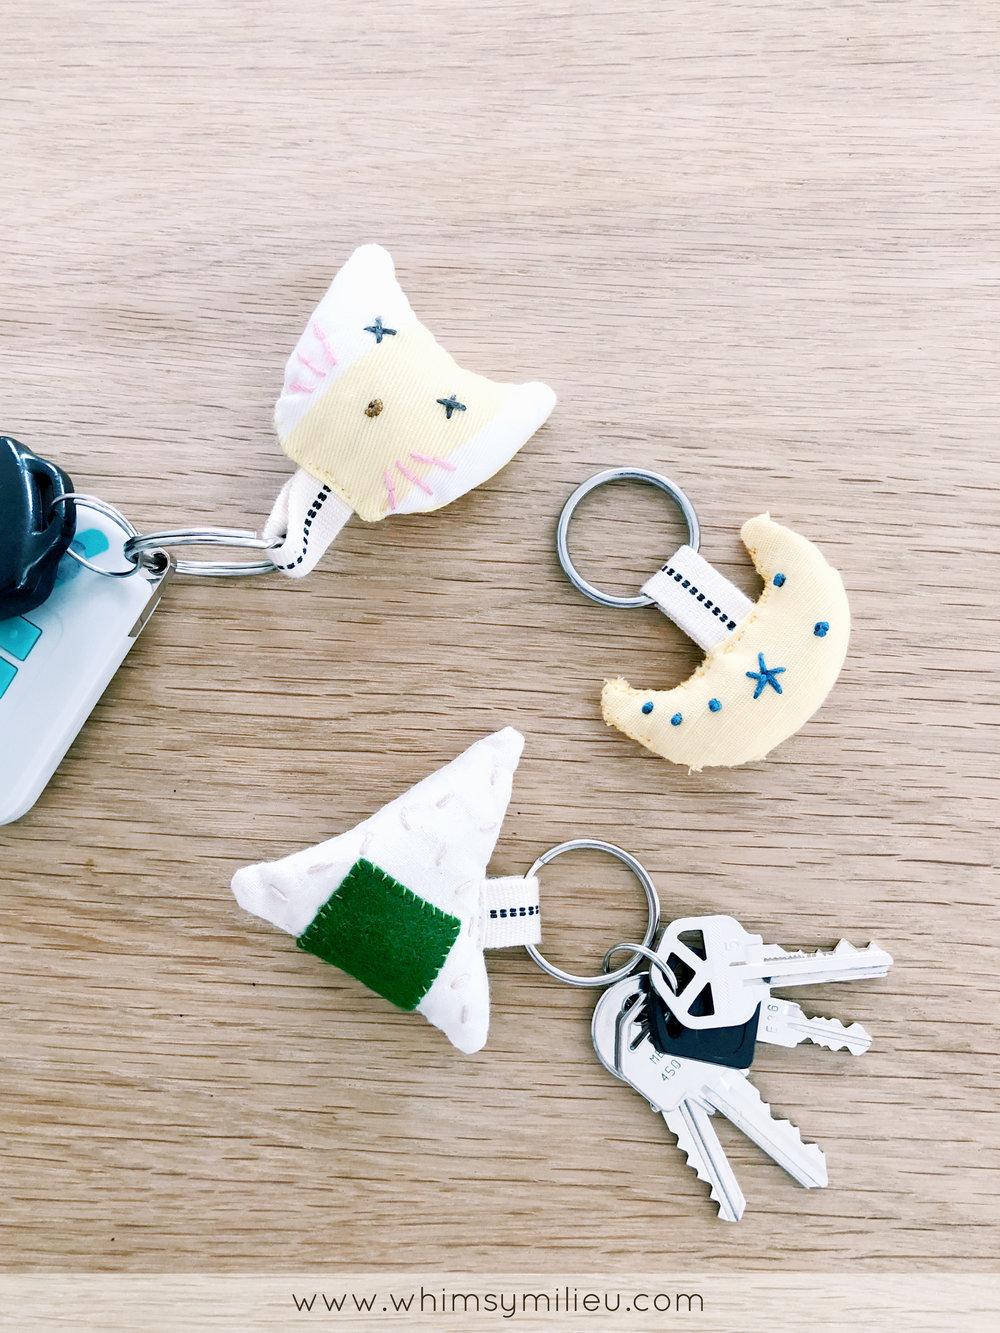 Onigiri Japanese Rice Ball Keychain DIY